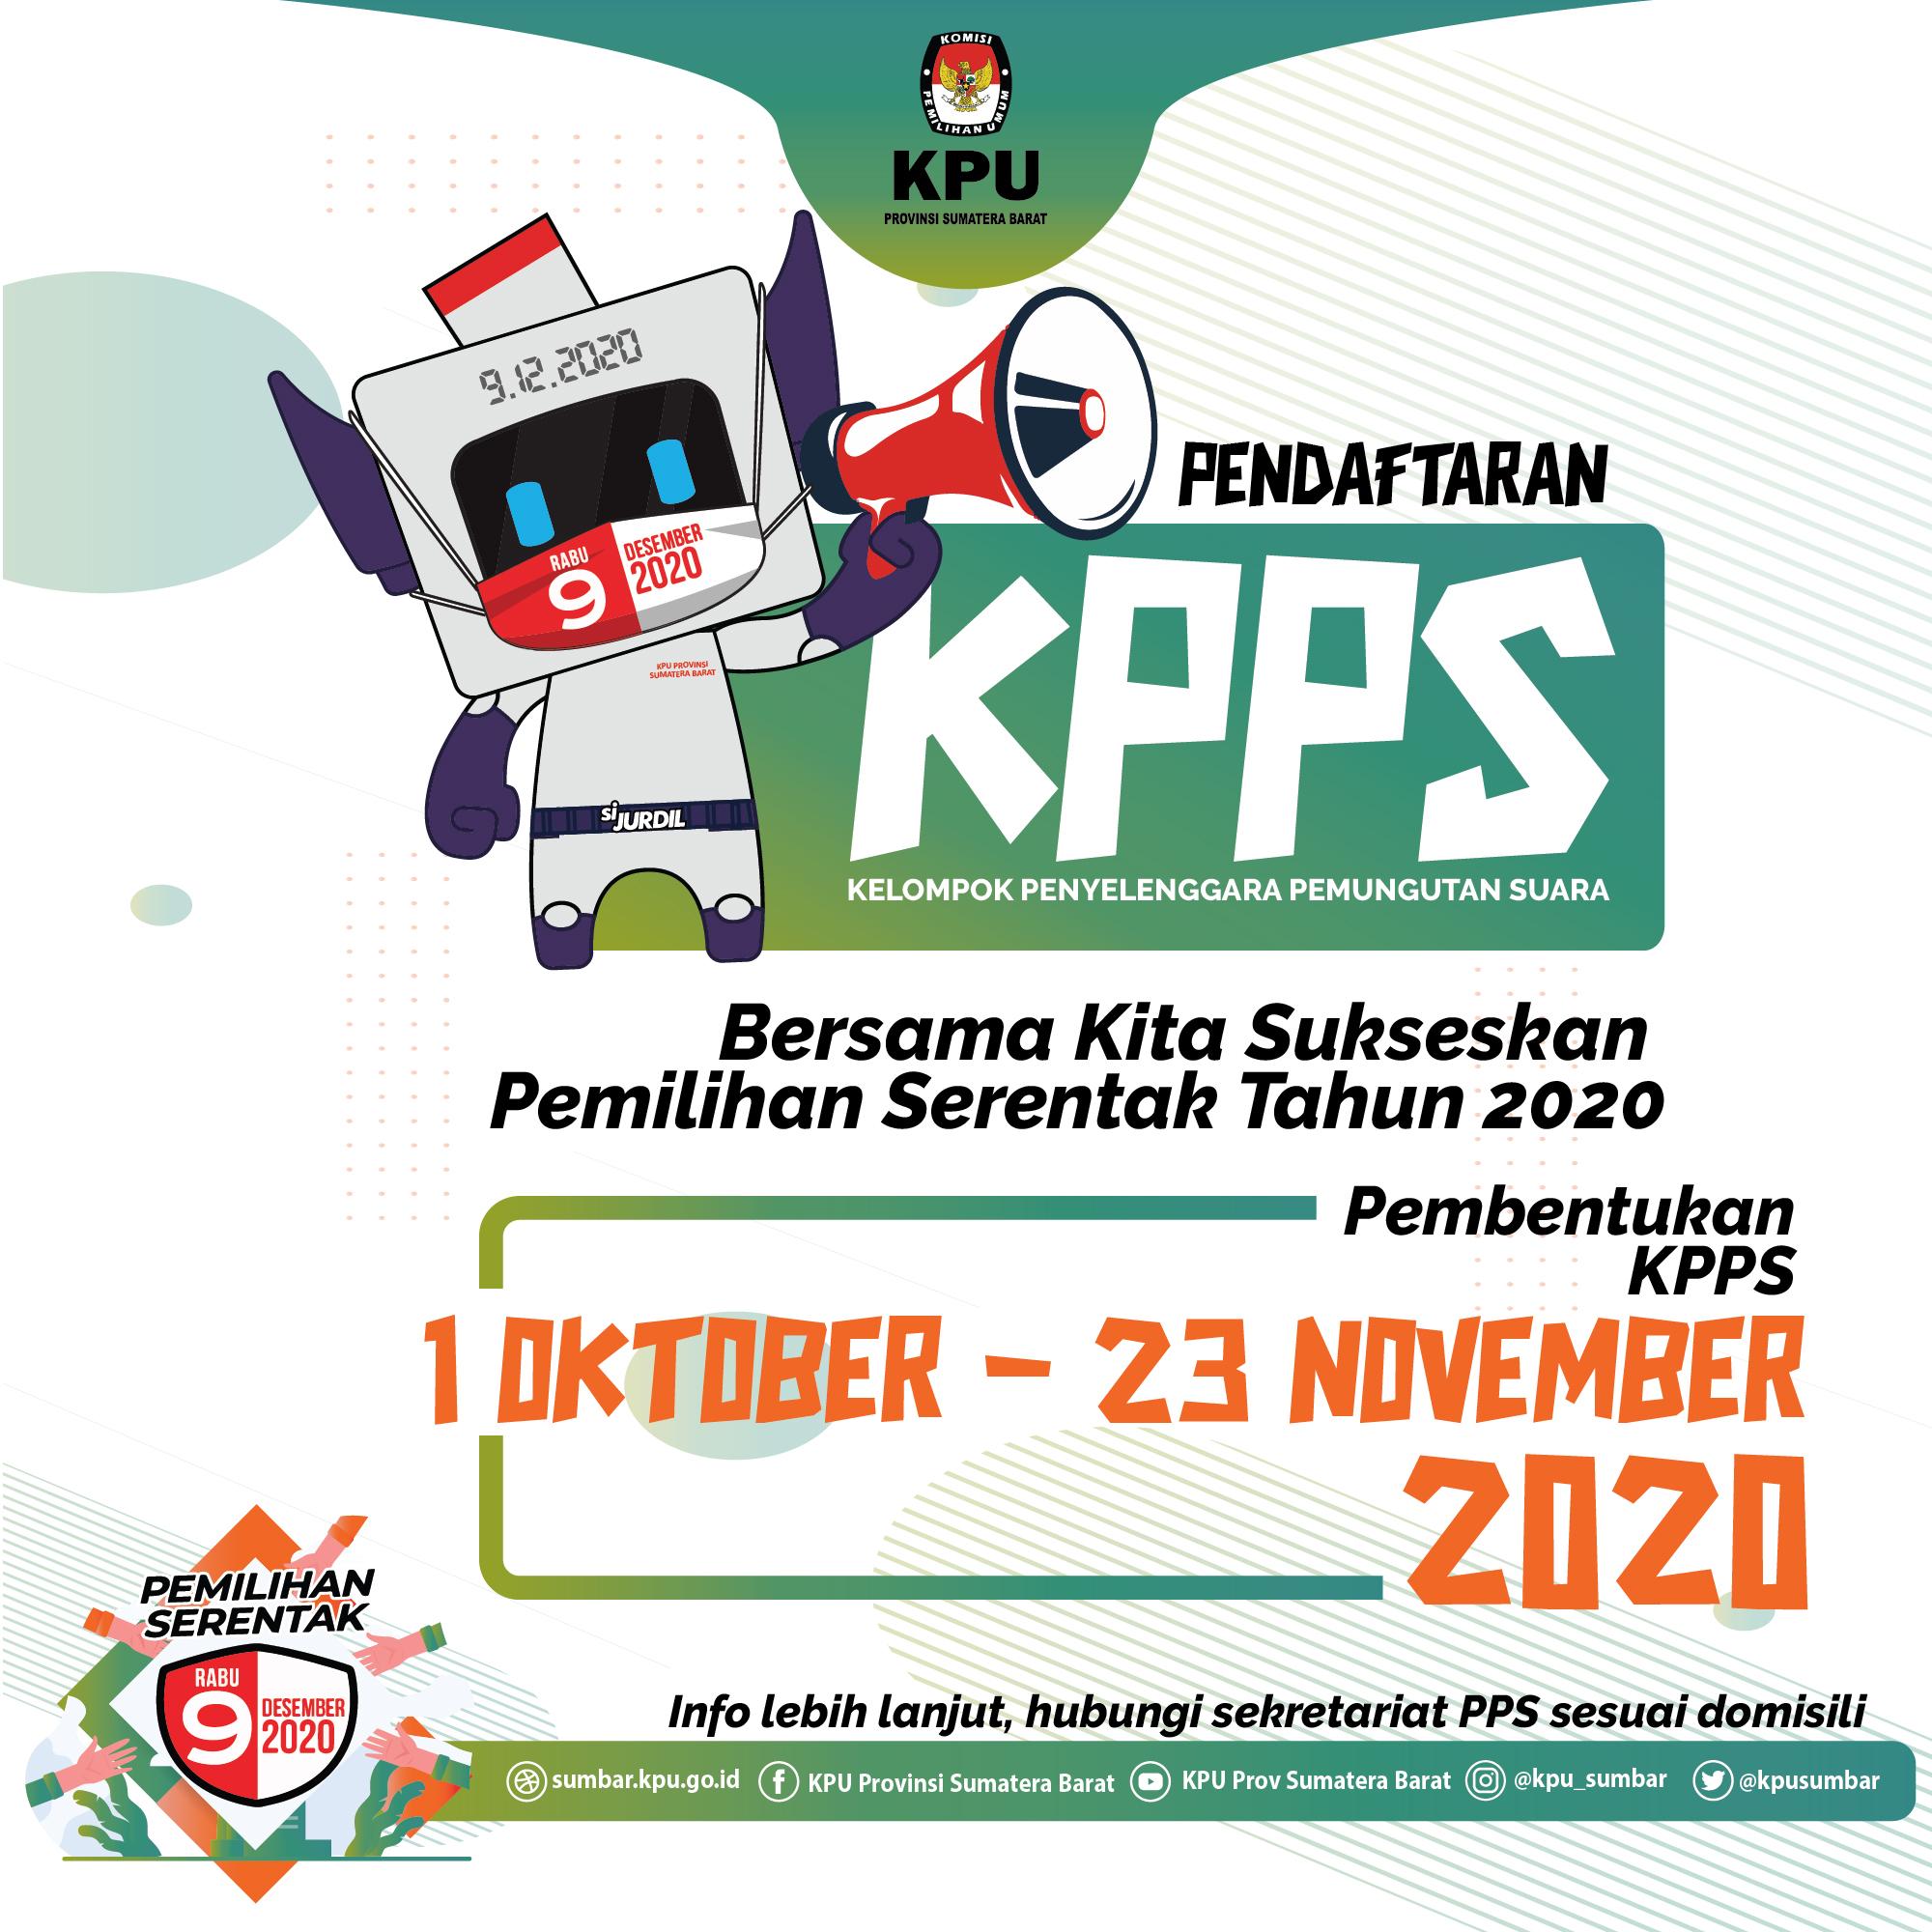 KPU Sumbar - KPPS